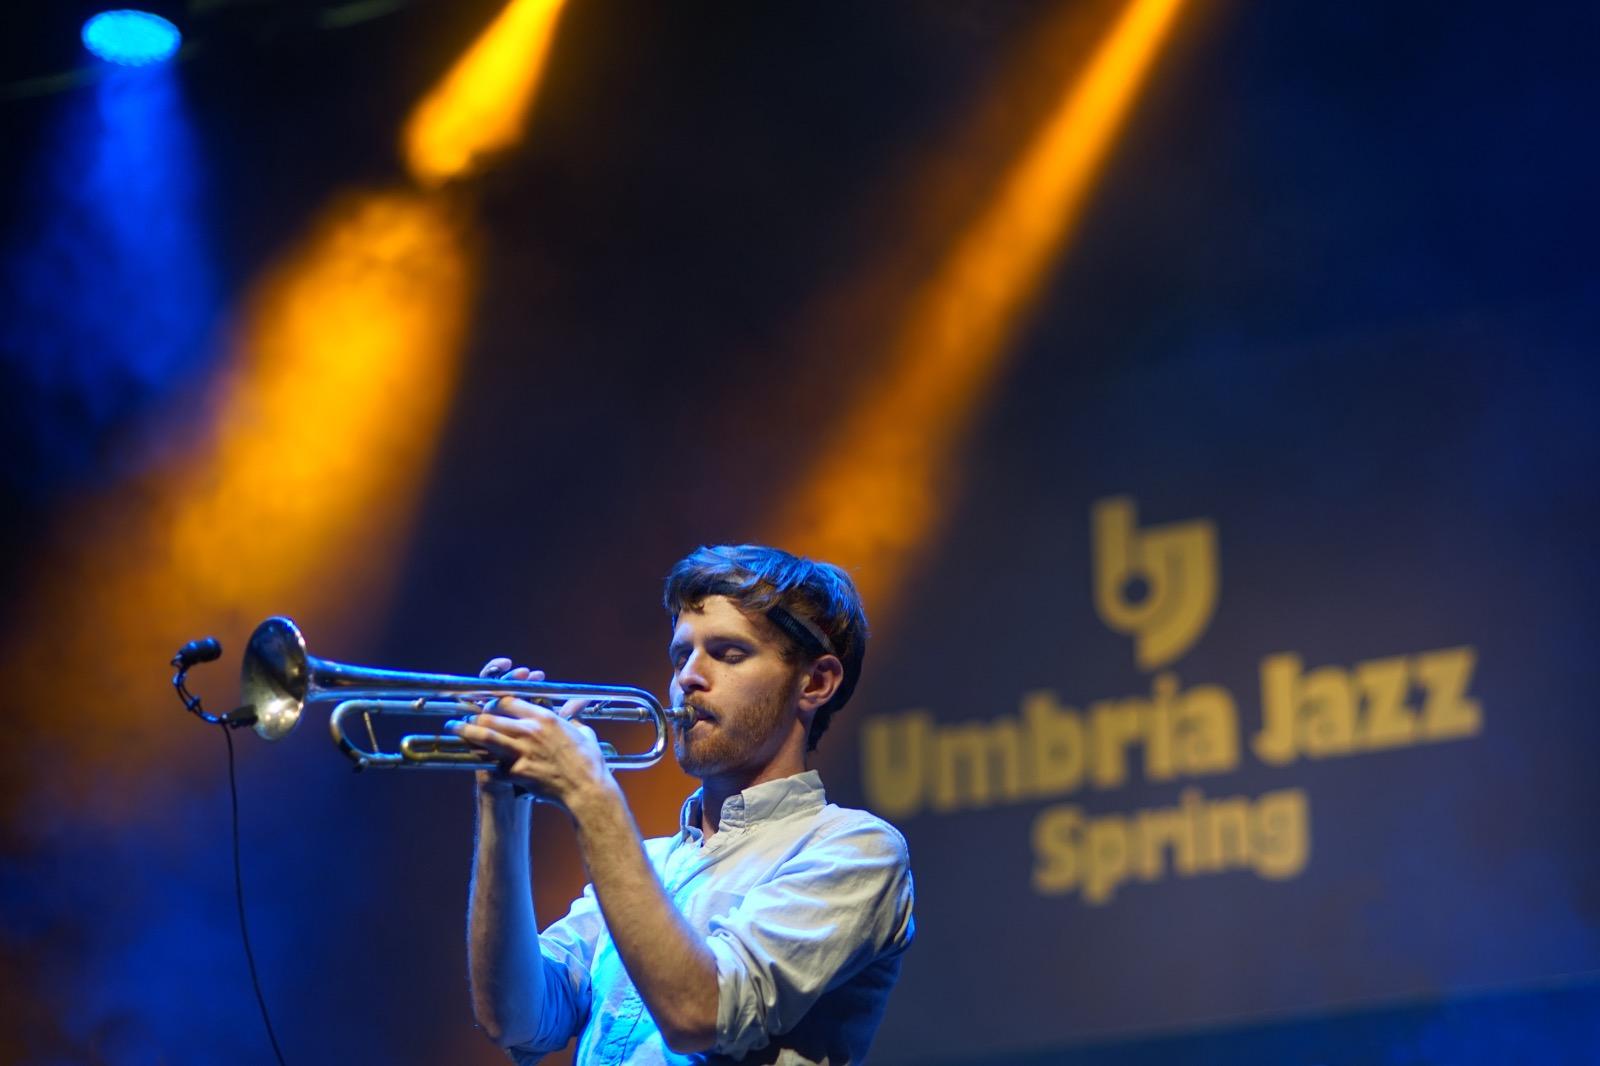 Umbria Jazz Spring 2017, Centro Multimediale Terni